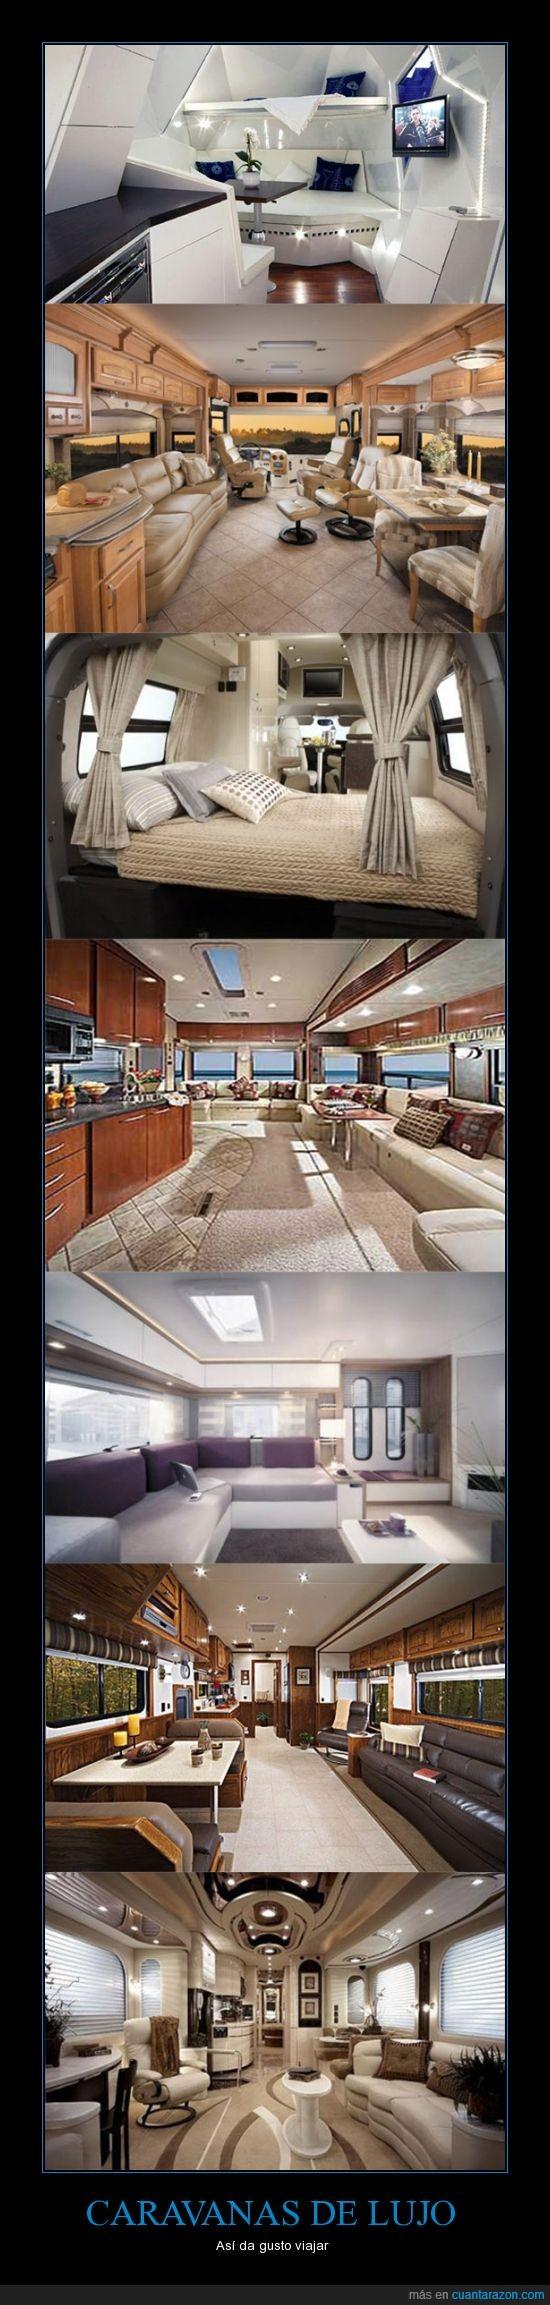 caravana,lujo,mejor que mi casa,rico